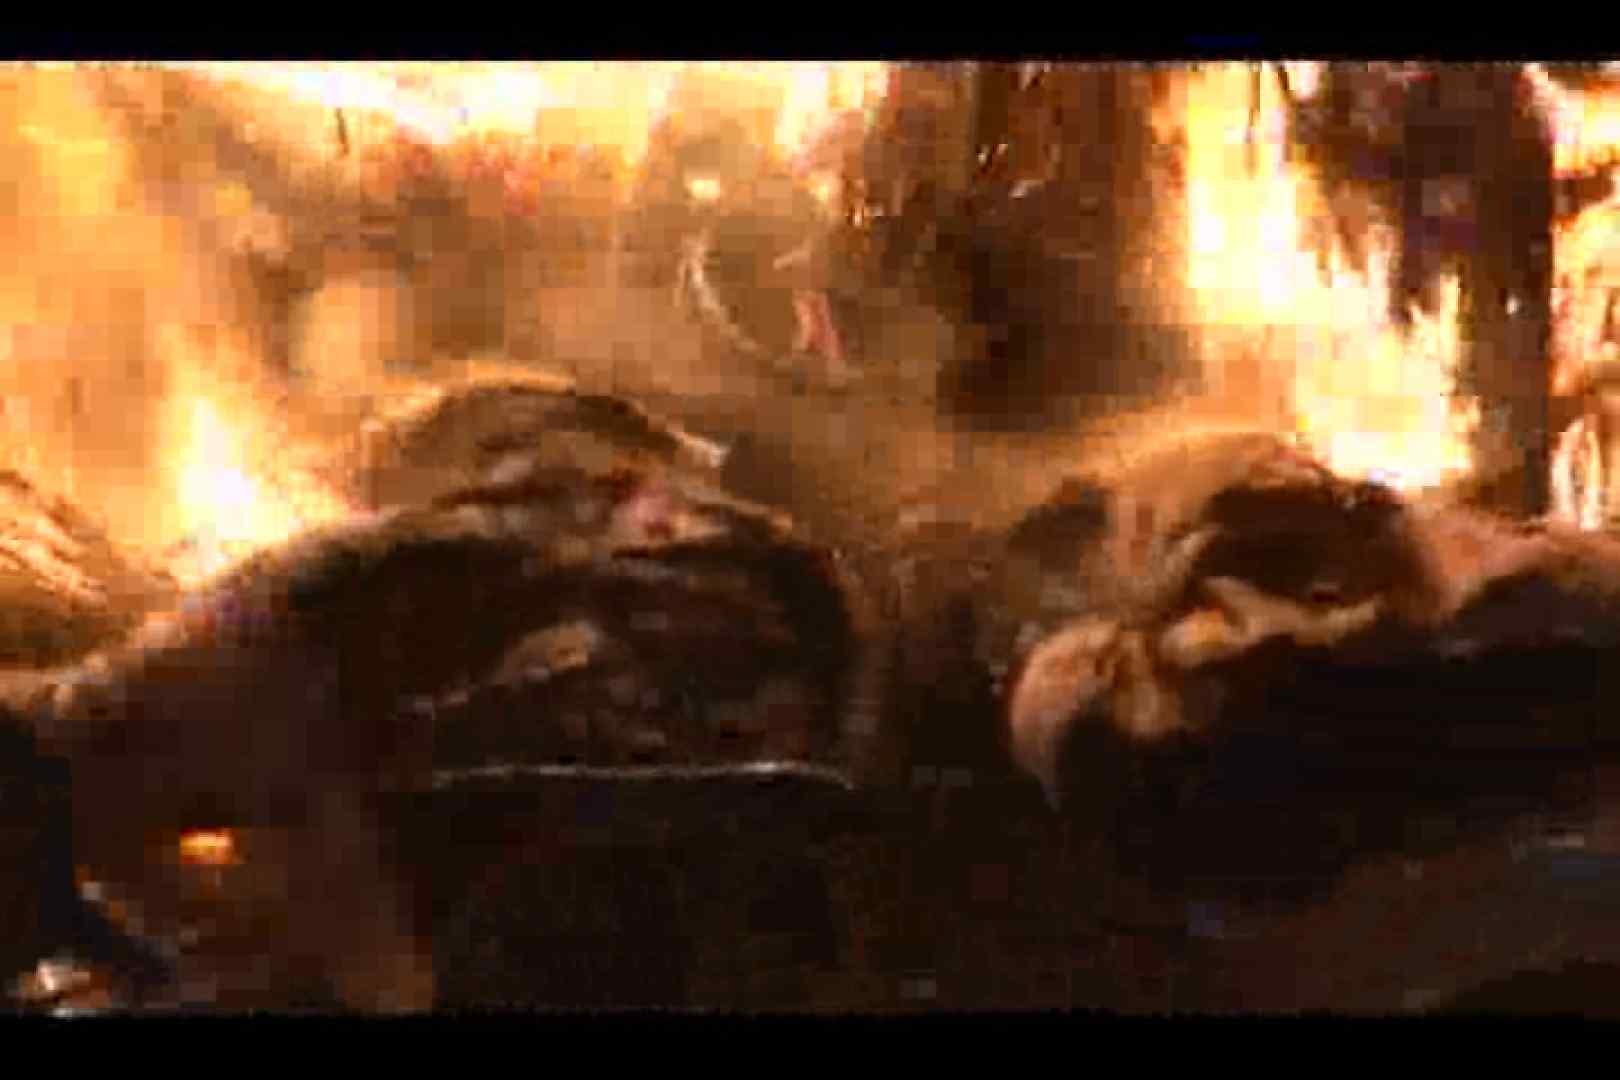 鳥羽の火祭り 3000K!高画質バージョンVOL.03 覗きお宝 Guyエロ画像 82連発 52